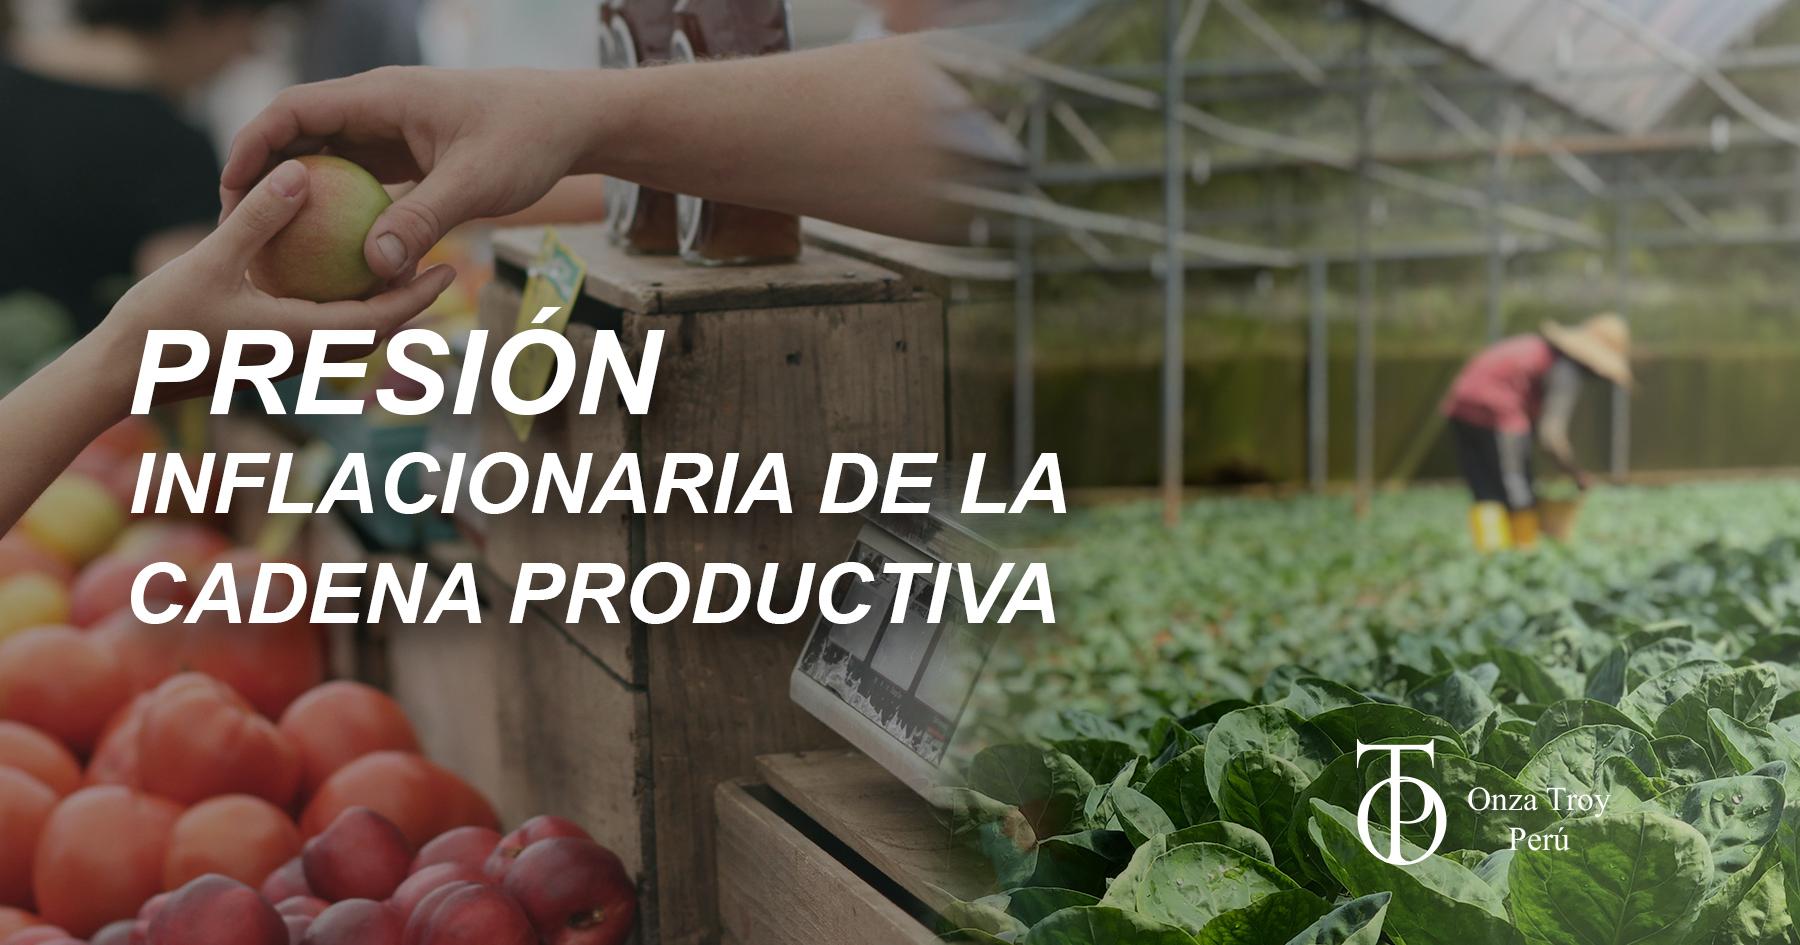 PRESIÓN INFLACIONARIA DE LA CADENA PRODUCTIVA